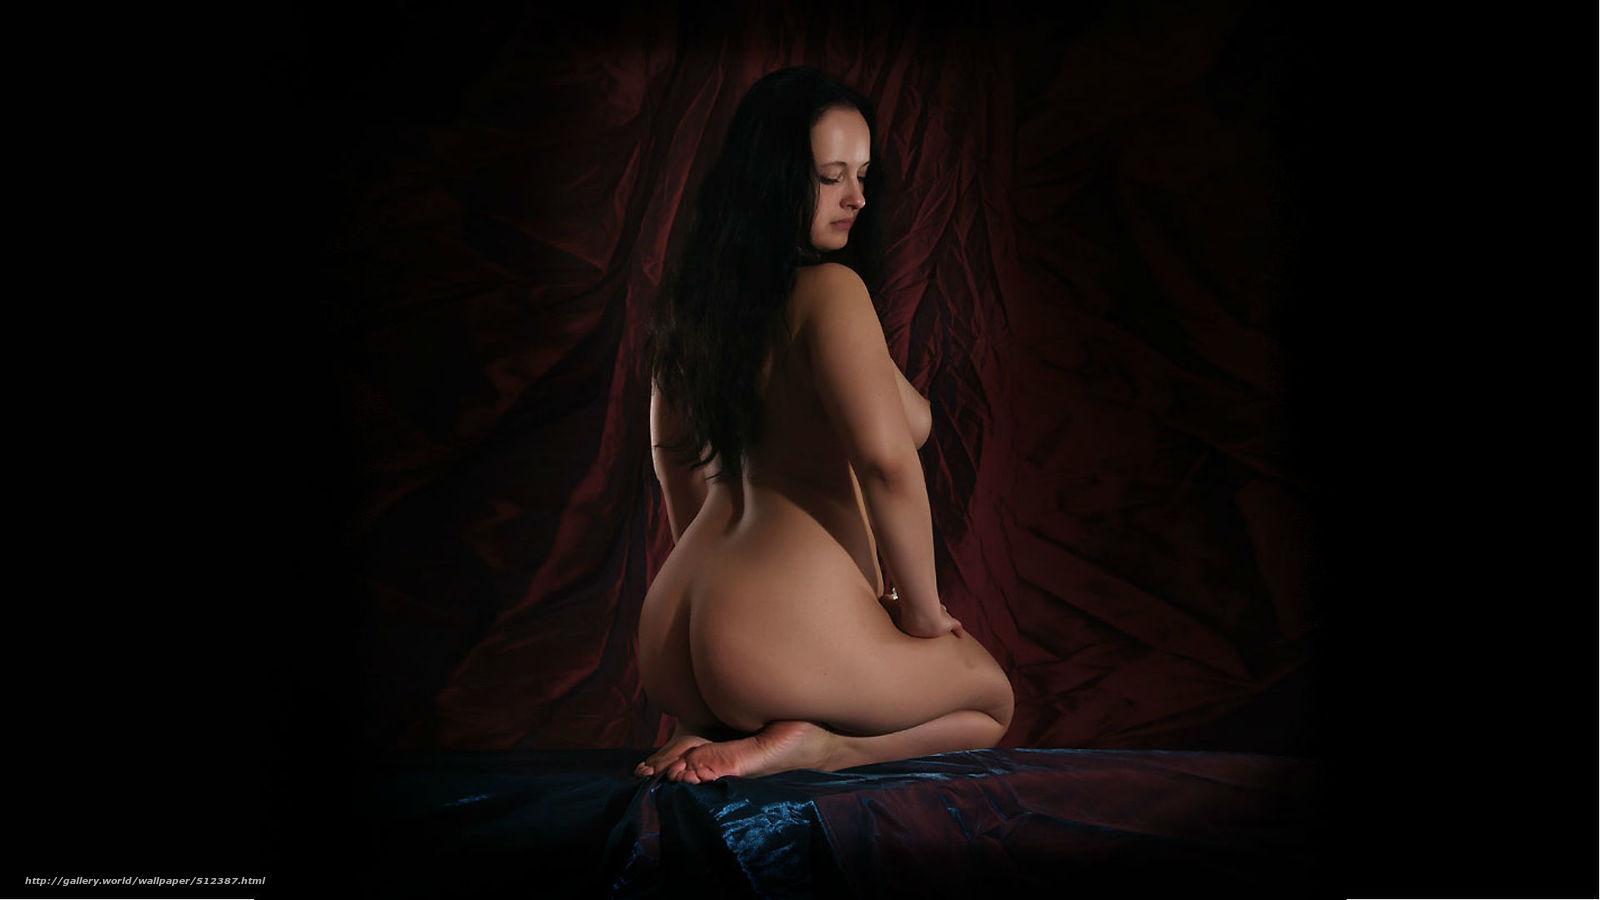 foto-eroticheskoe-polnih-devushek-v-stile-nyu